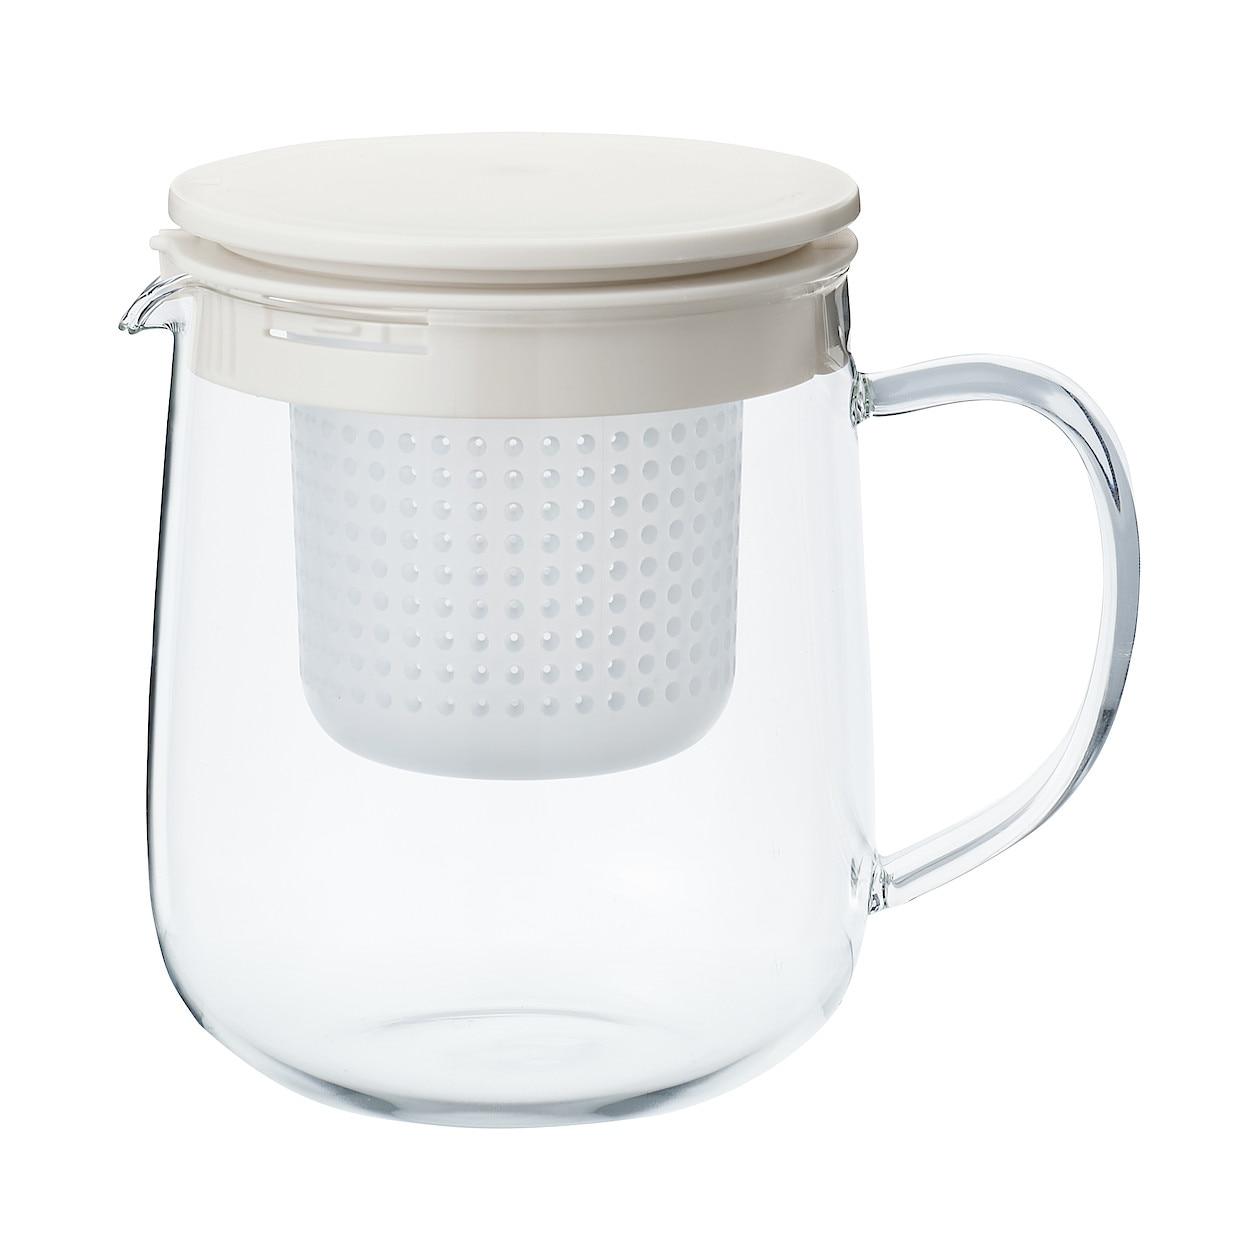 HEAT PROOF GLASS POT L APPROX. 1L | MUJI